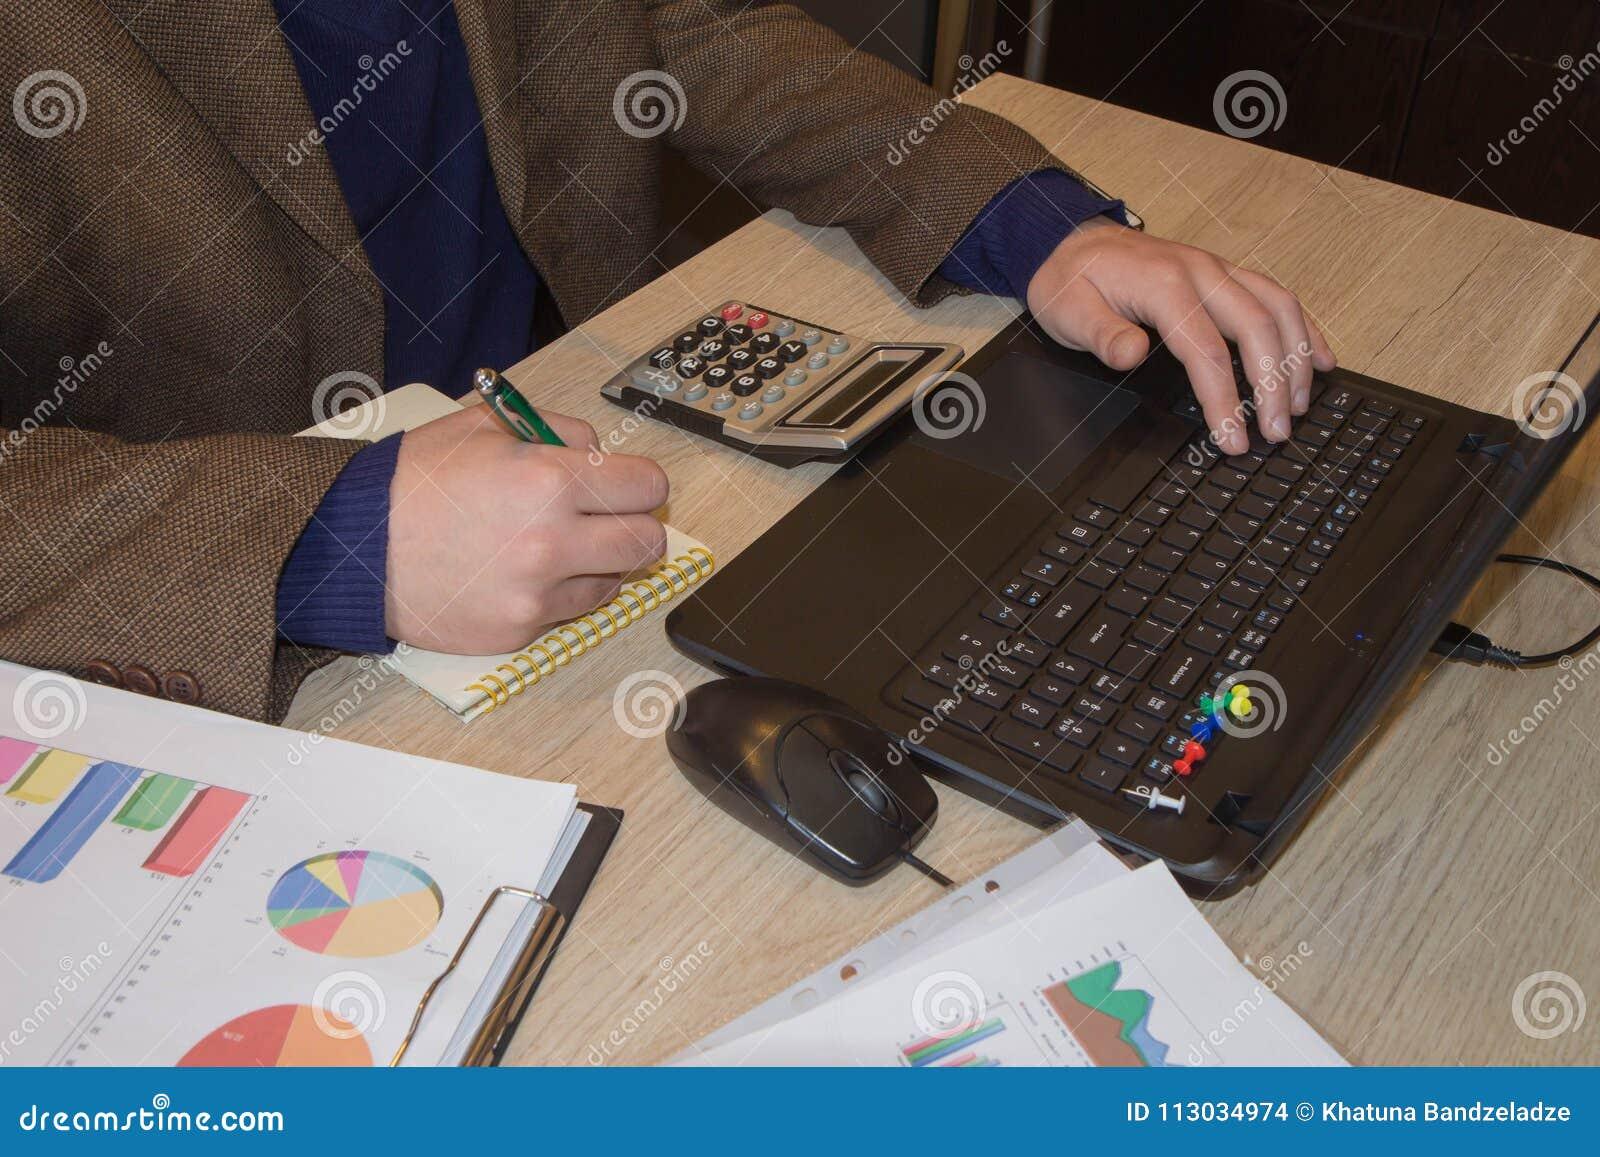 Las calculadoras, los propietarios de negocio, la contabilidad y la tecnología, el negocio, el ordenador, el ordenador portátil,